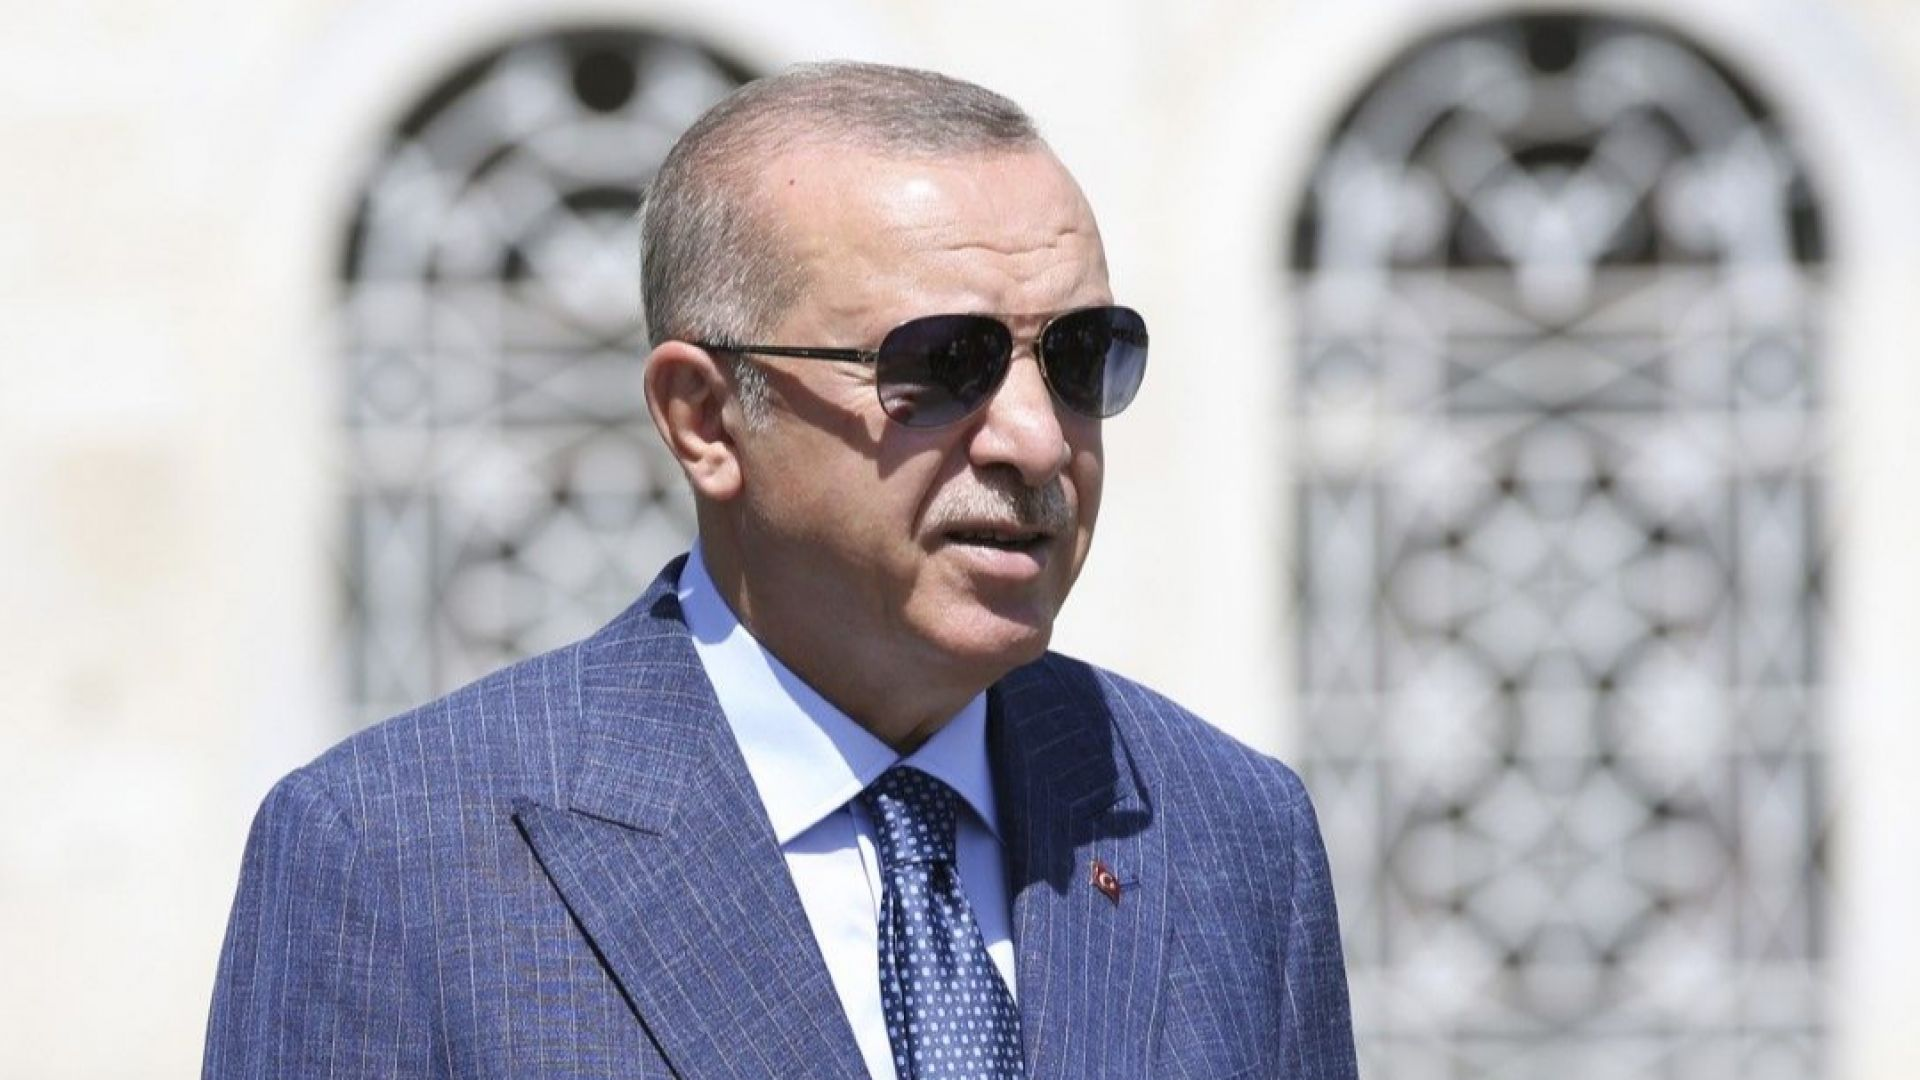 Турция е в подем, заяви Ердоган въпреки срива на лирата